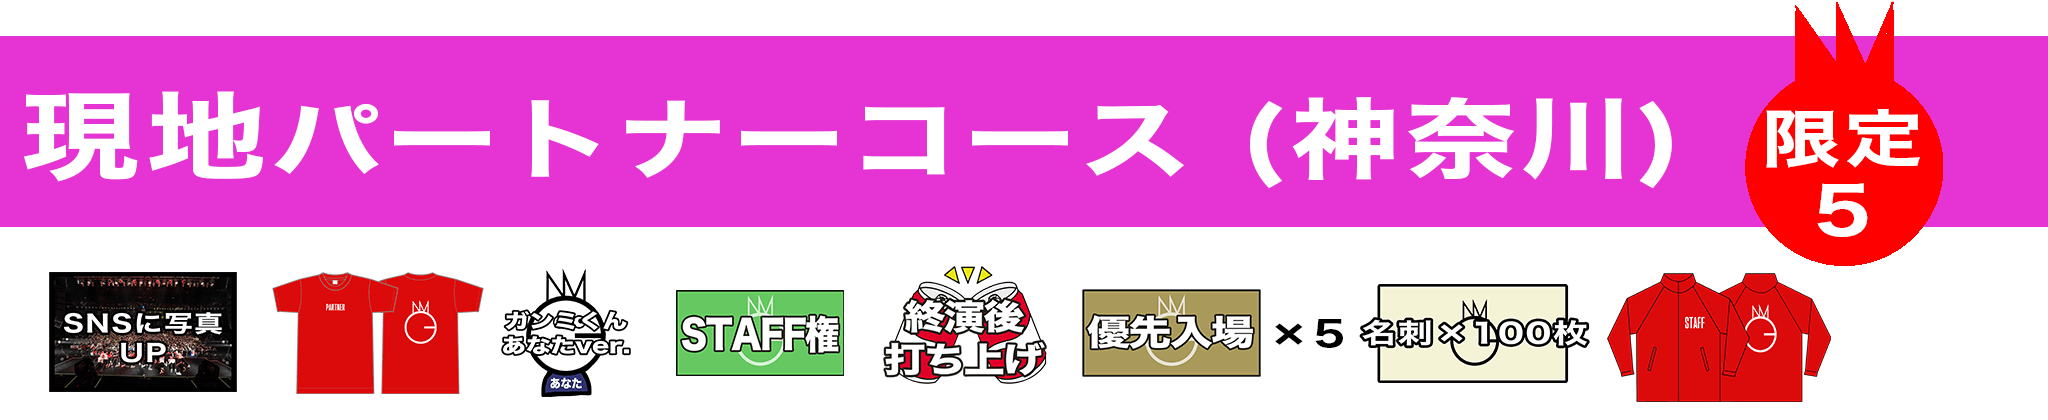 クラファン リターン 現地パートナーコース 神奈川